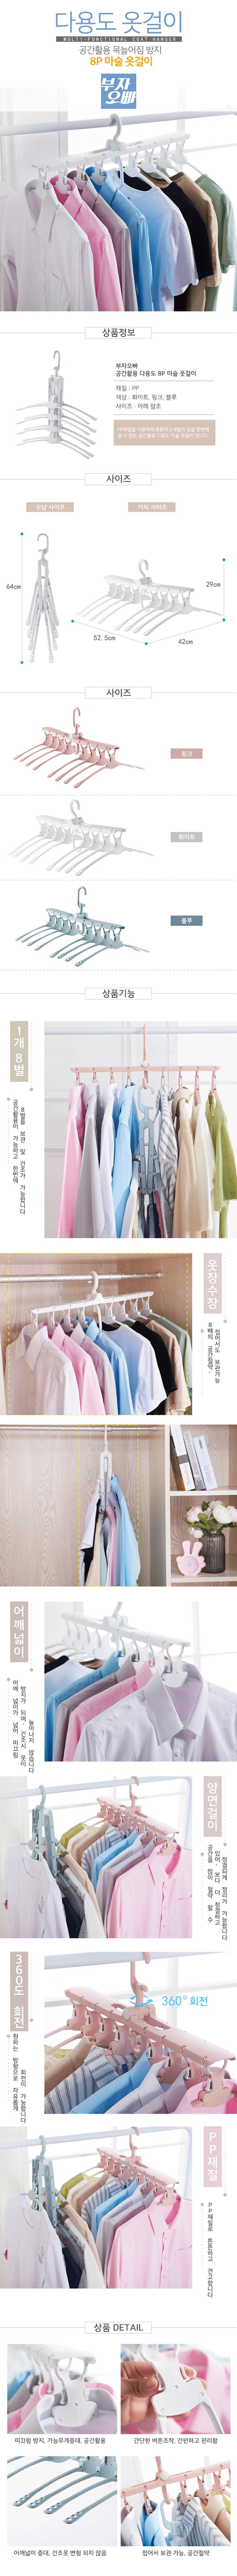 8P 마술 옷걸이 - 부자오빠, 12,900원, 행거/드레스룸/옷걸이, 옷걸이/플라스틱